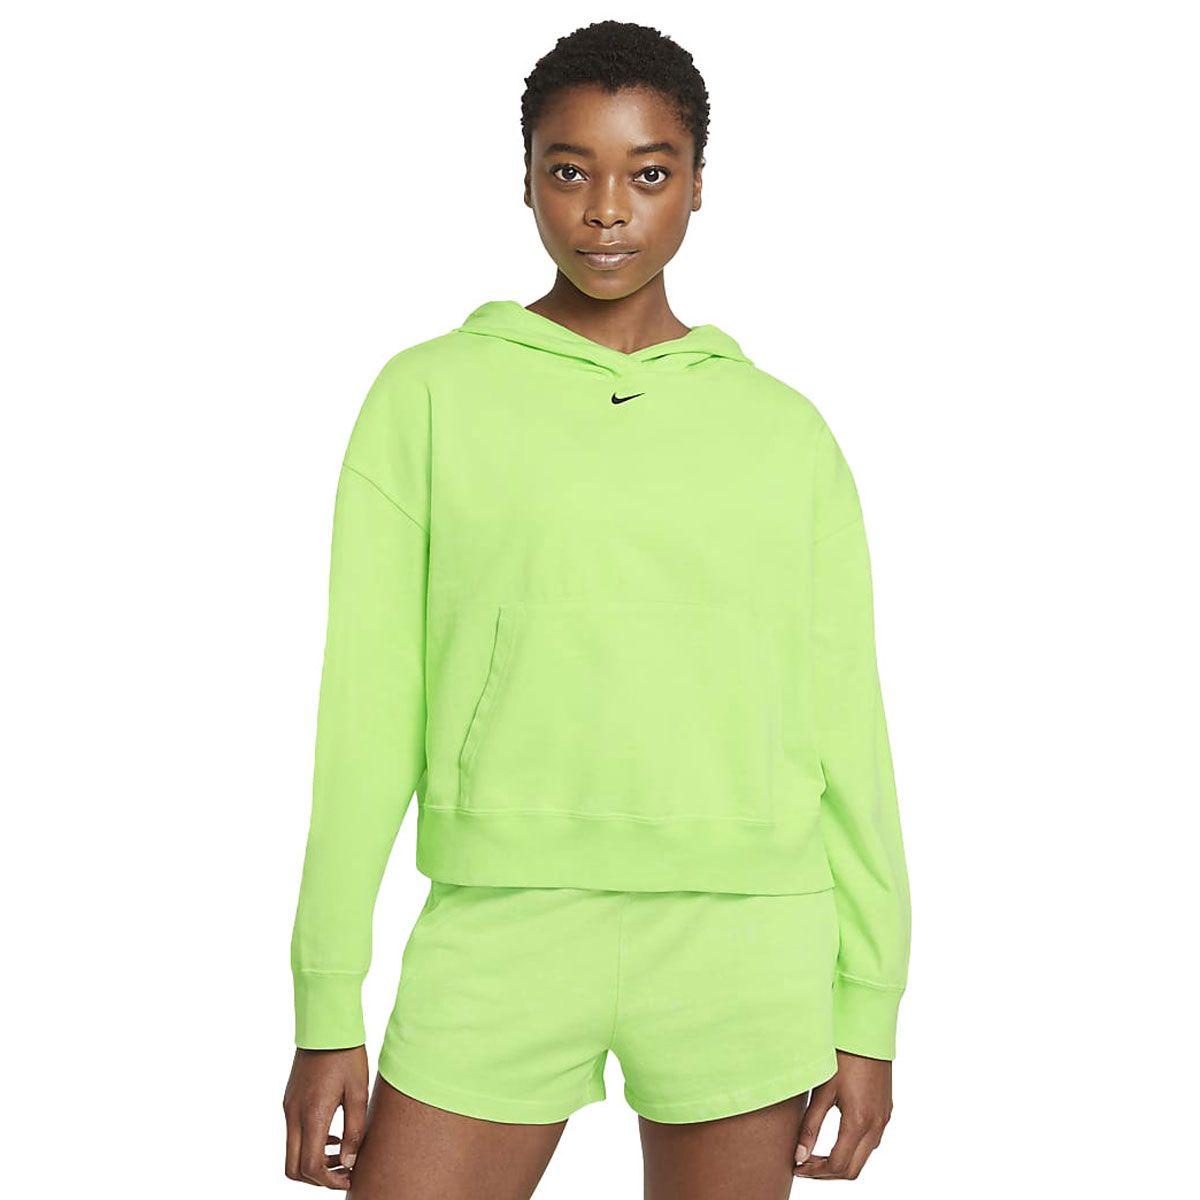 Nike Felpa Sportswear Donna Verde